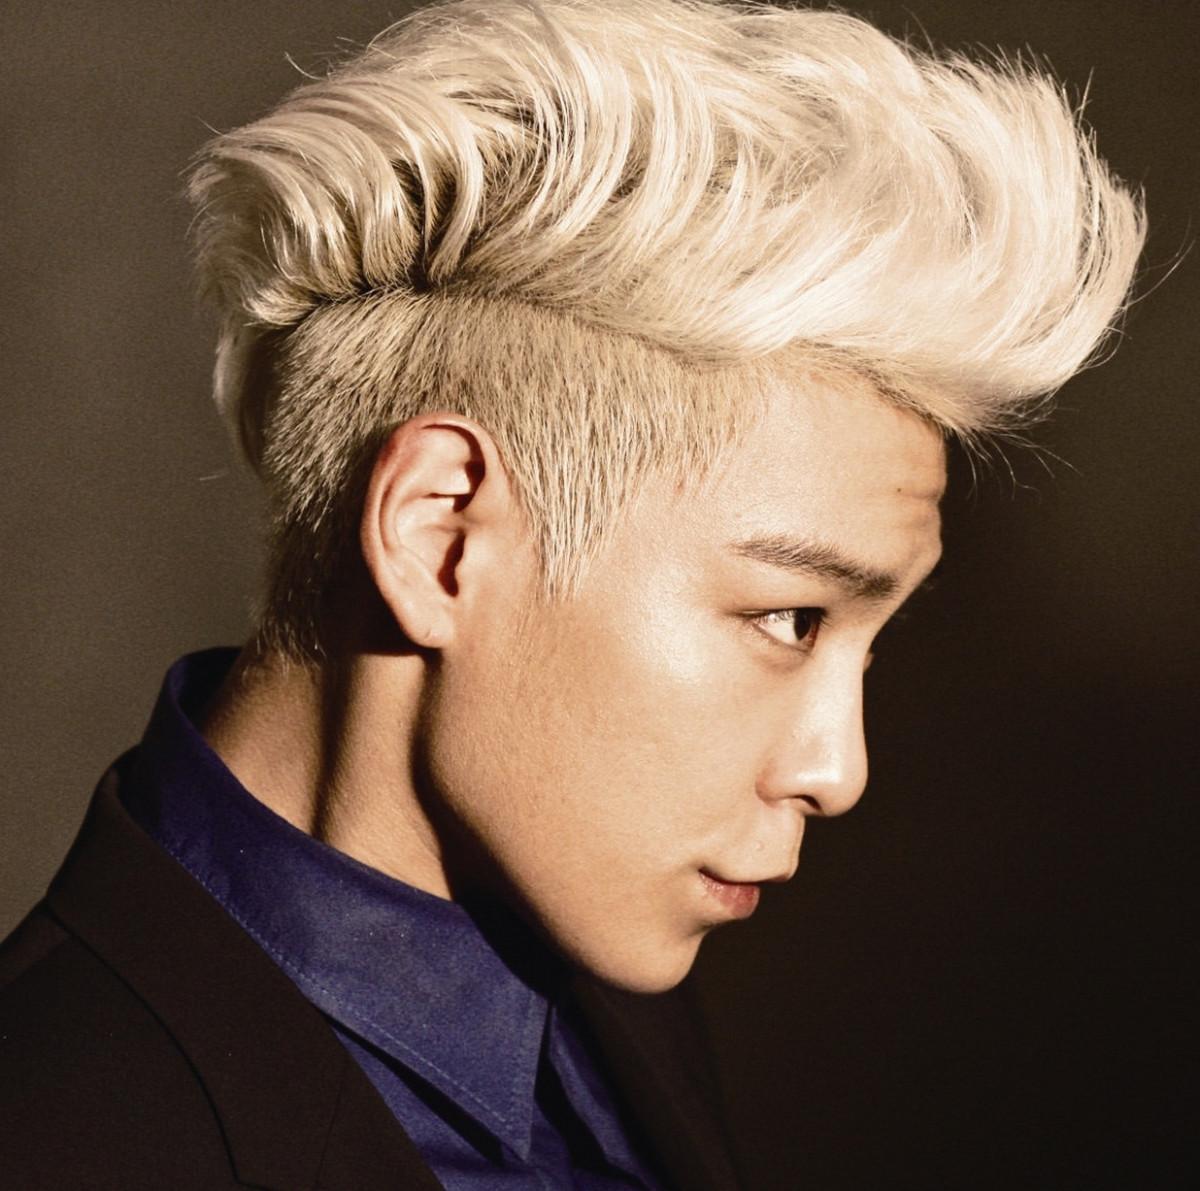 Peachy Latest Trendy Asian Amp Korean Hairstyles For Men 2015 Bellatory Short Hairstyles For Black Women Fulllsitofus